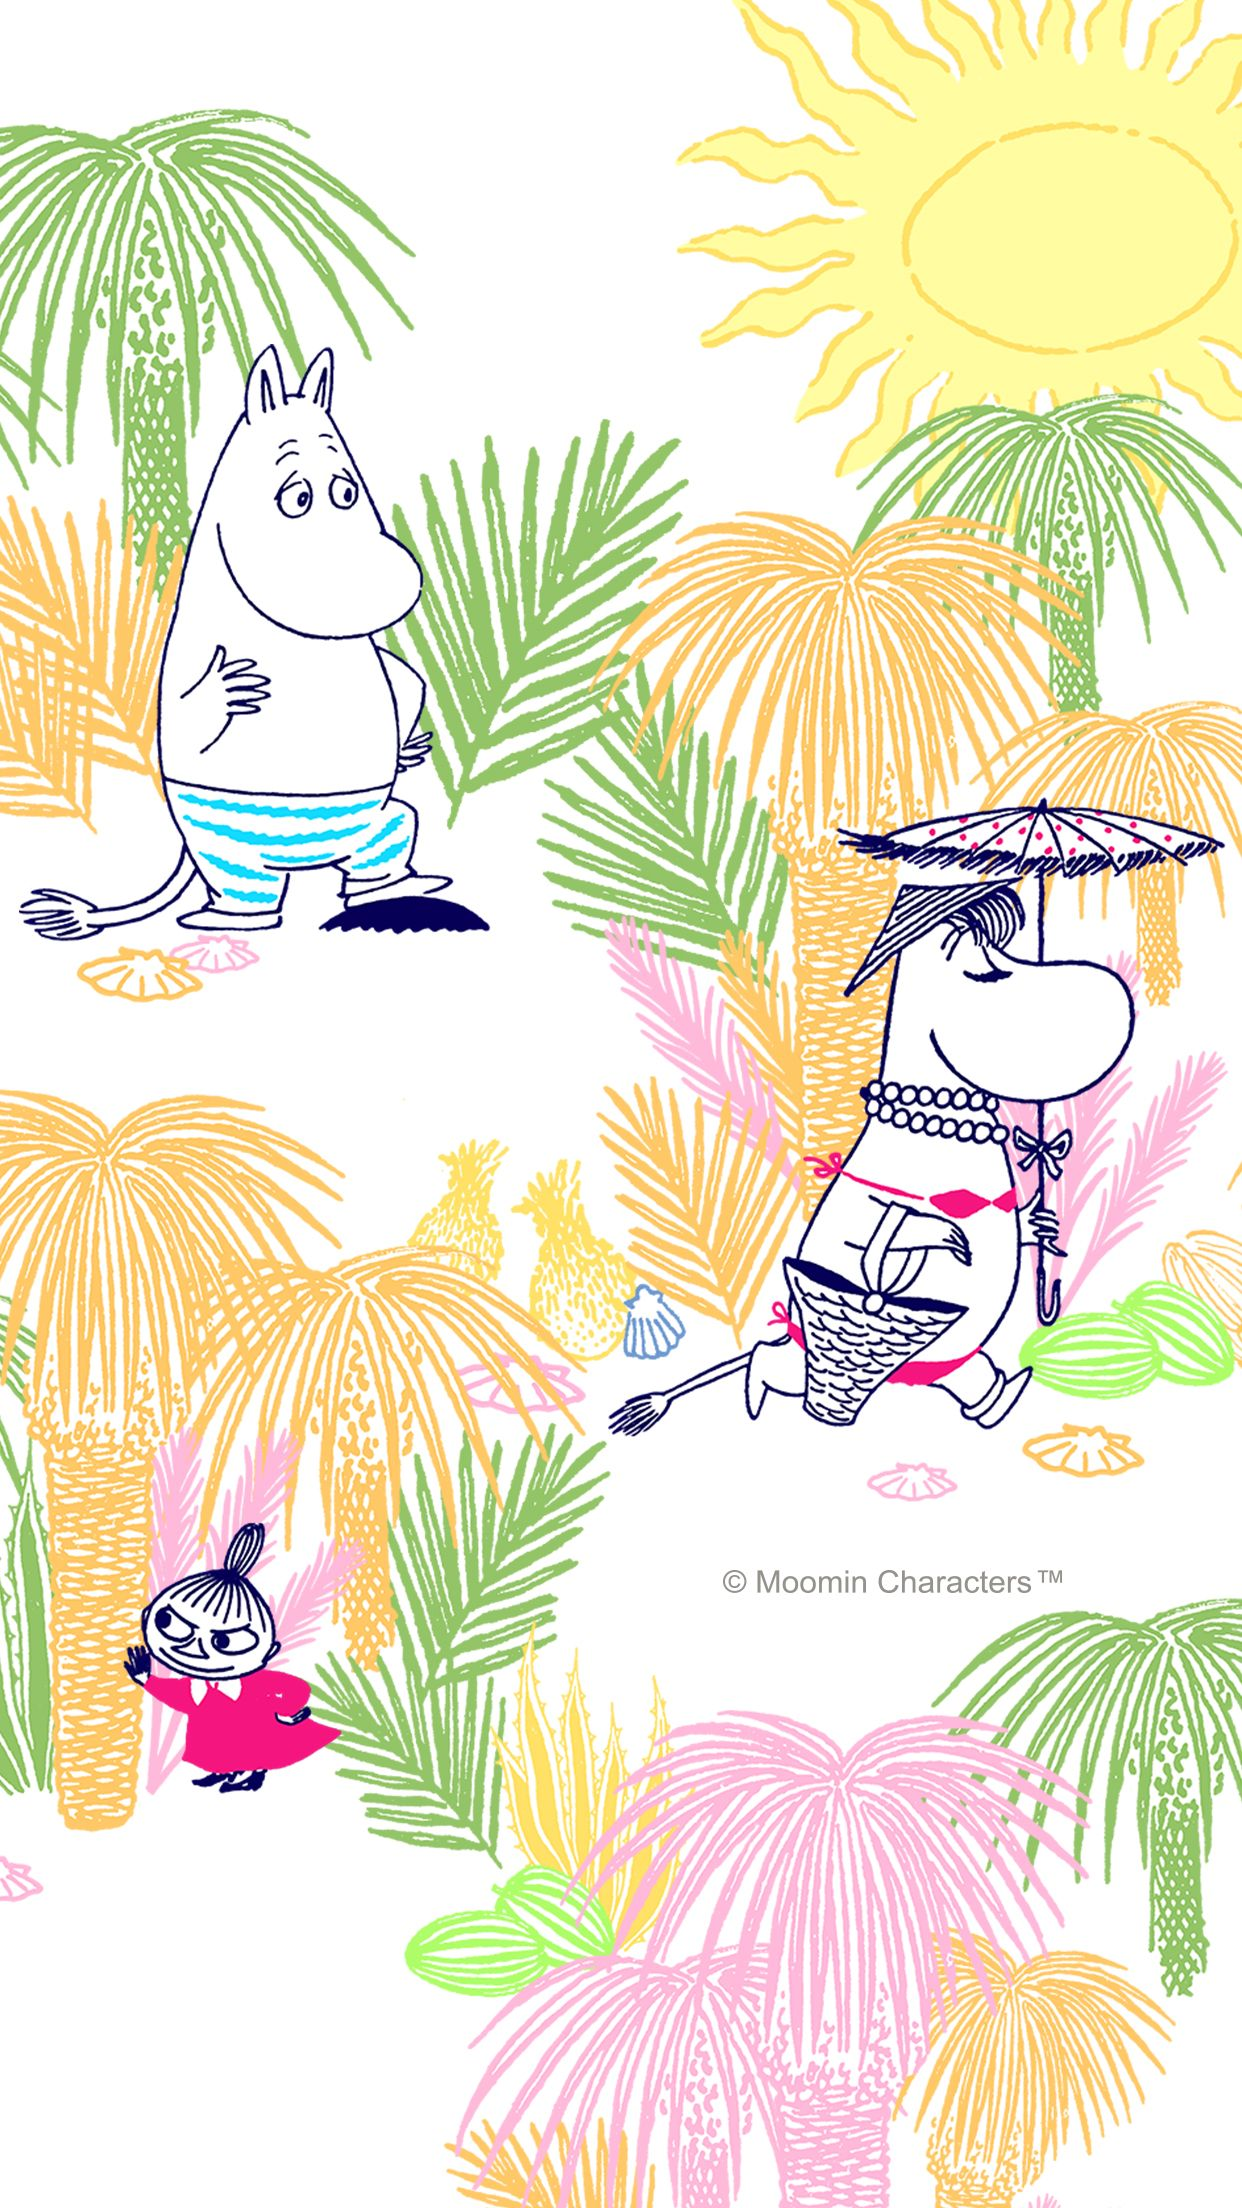 Moomin おしゃれまとめの人気アイデア Pinterest Gremari ムーミン 壁紙 ムーミン イラスト リトルミイ 画像